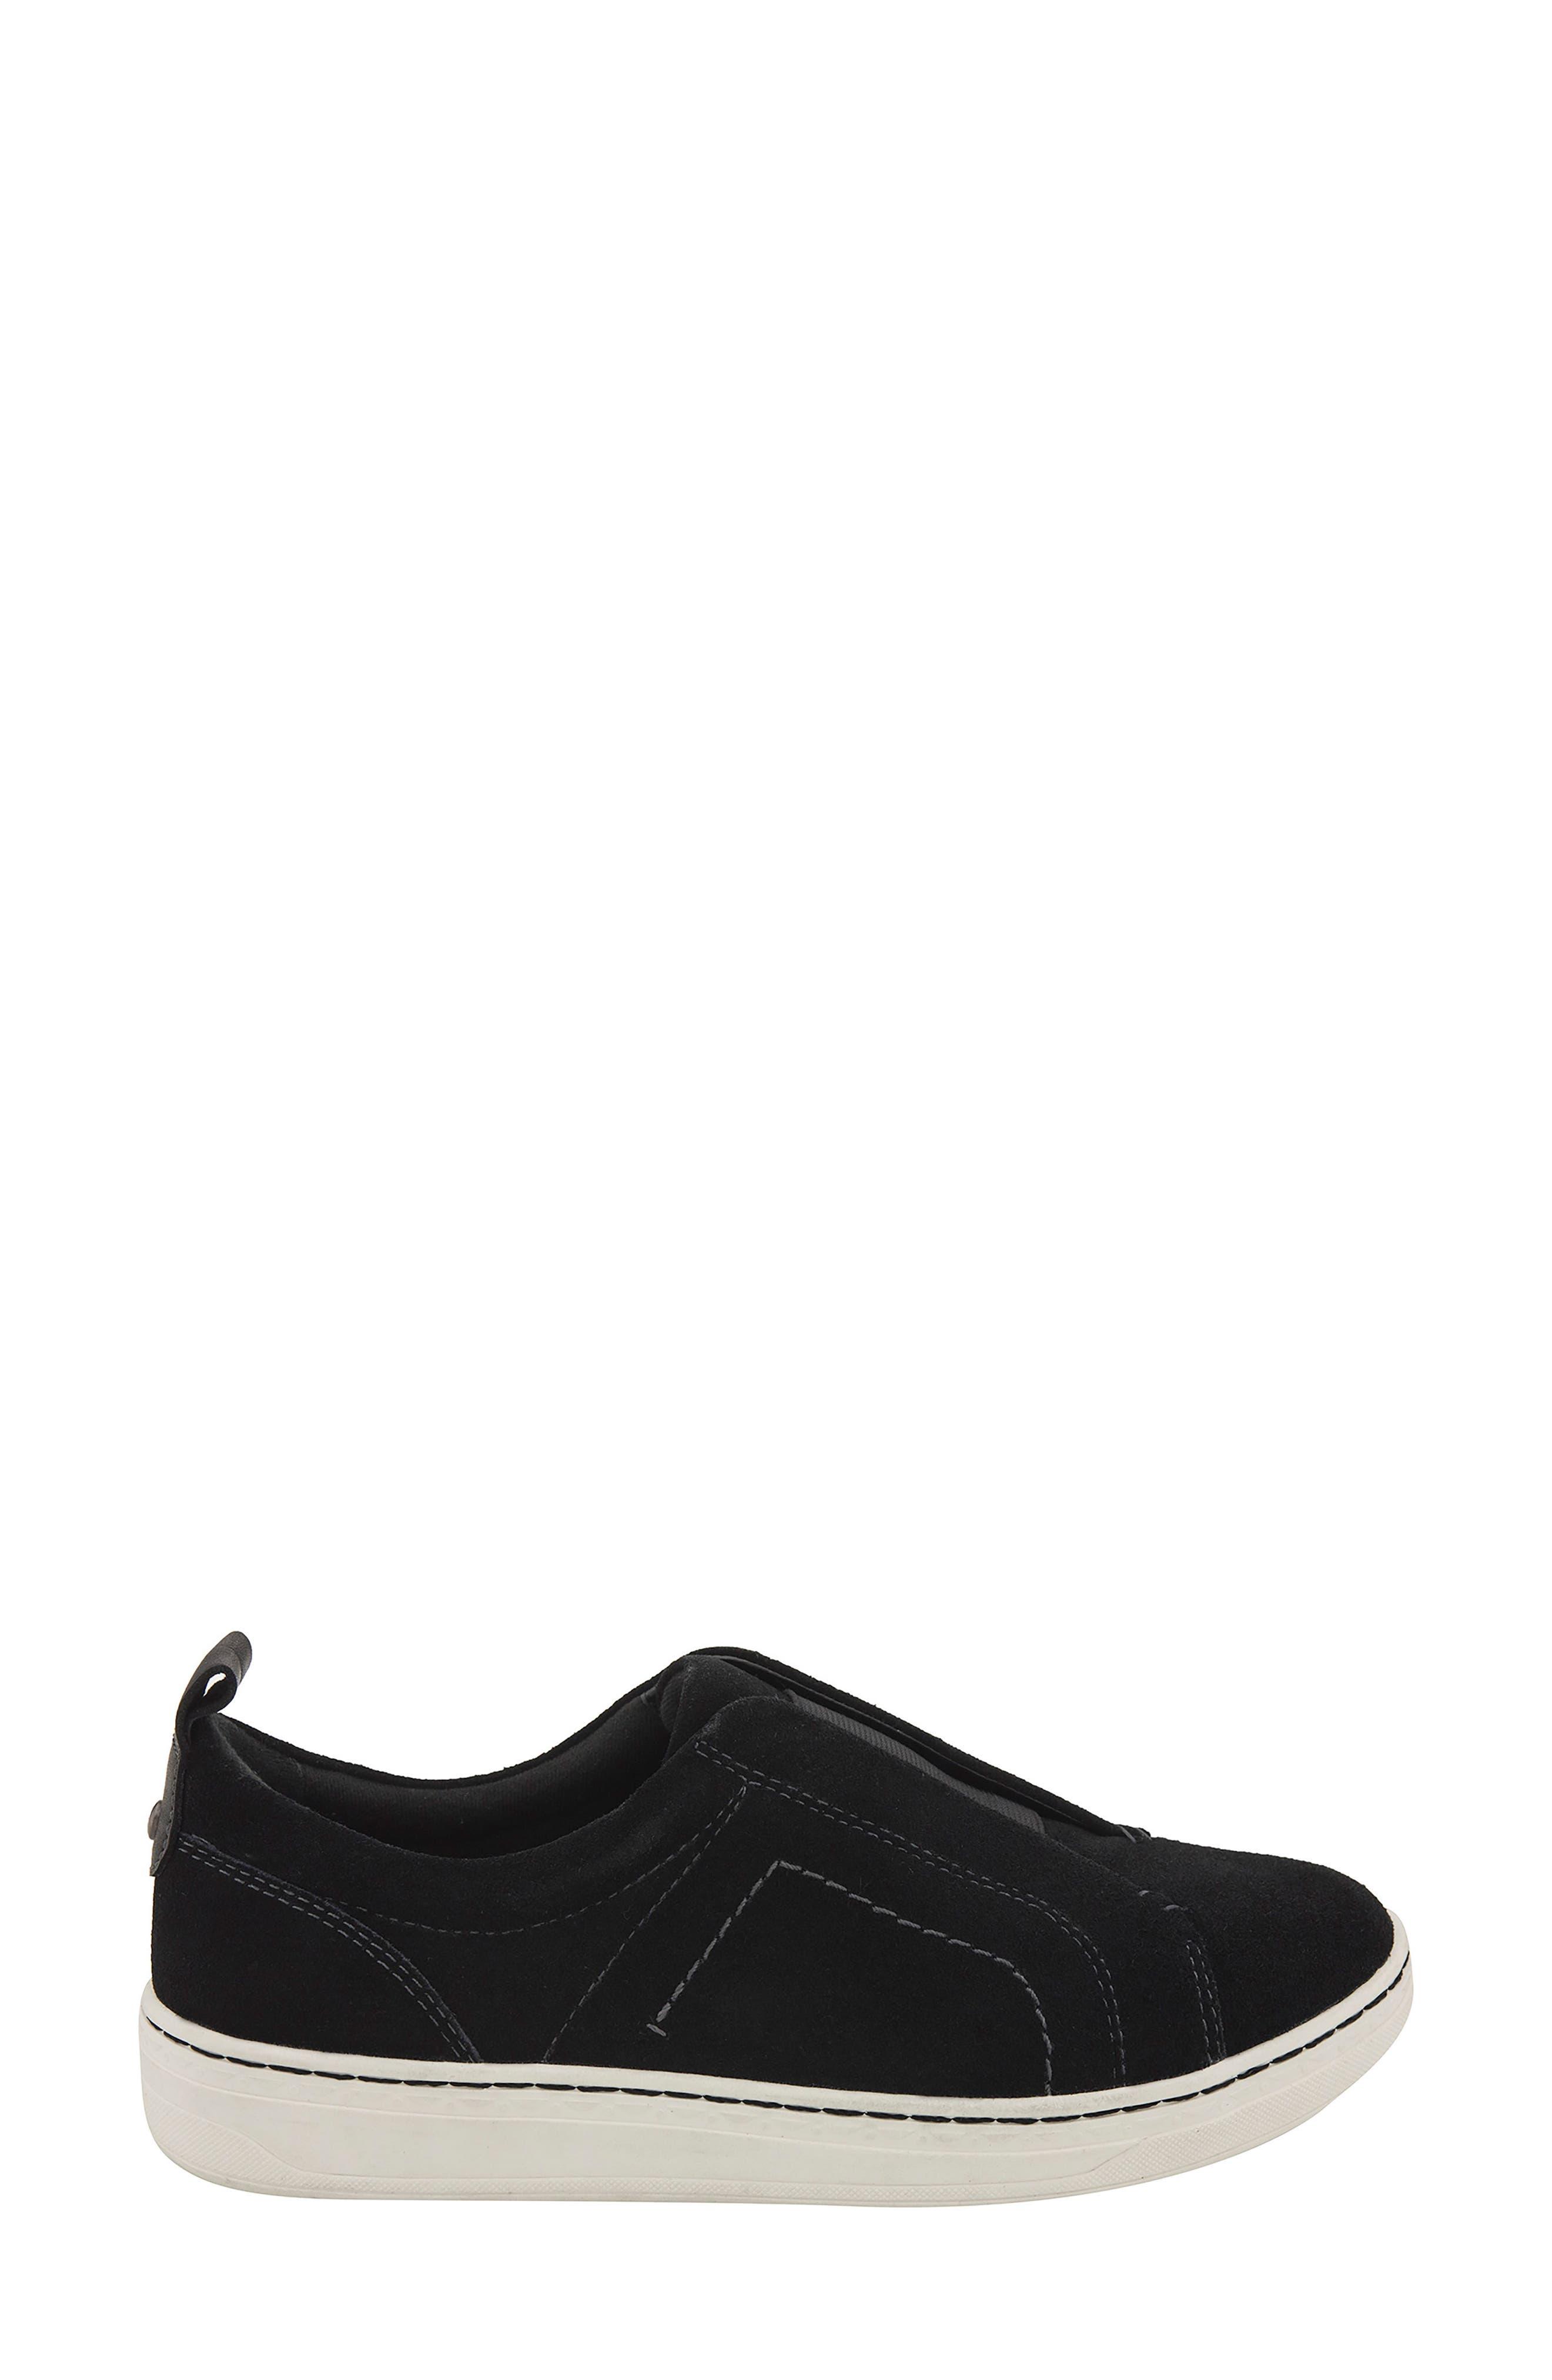 Zetta Slip-On Sneaker,                             Alternate thumbnail 3, color,                             003